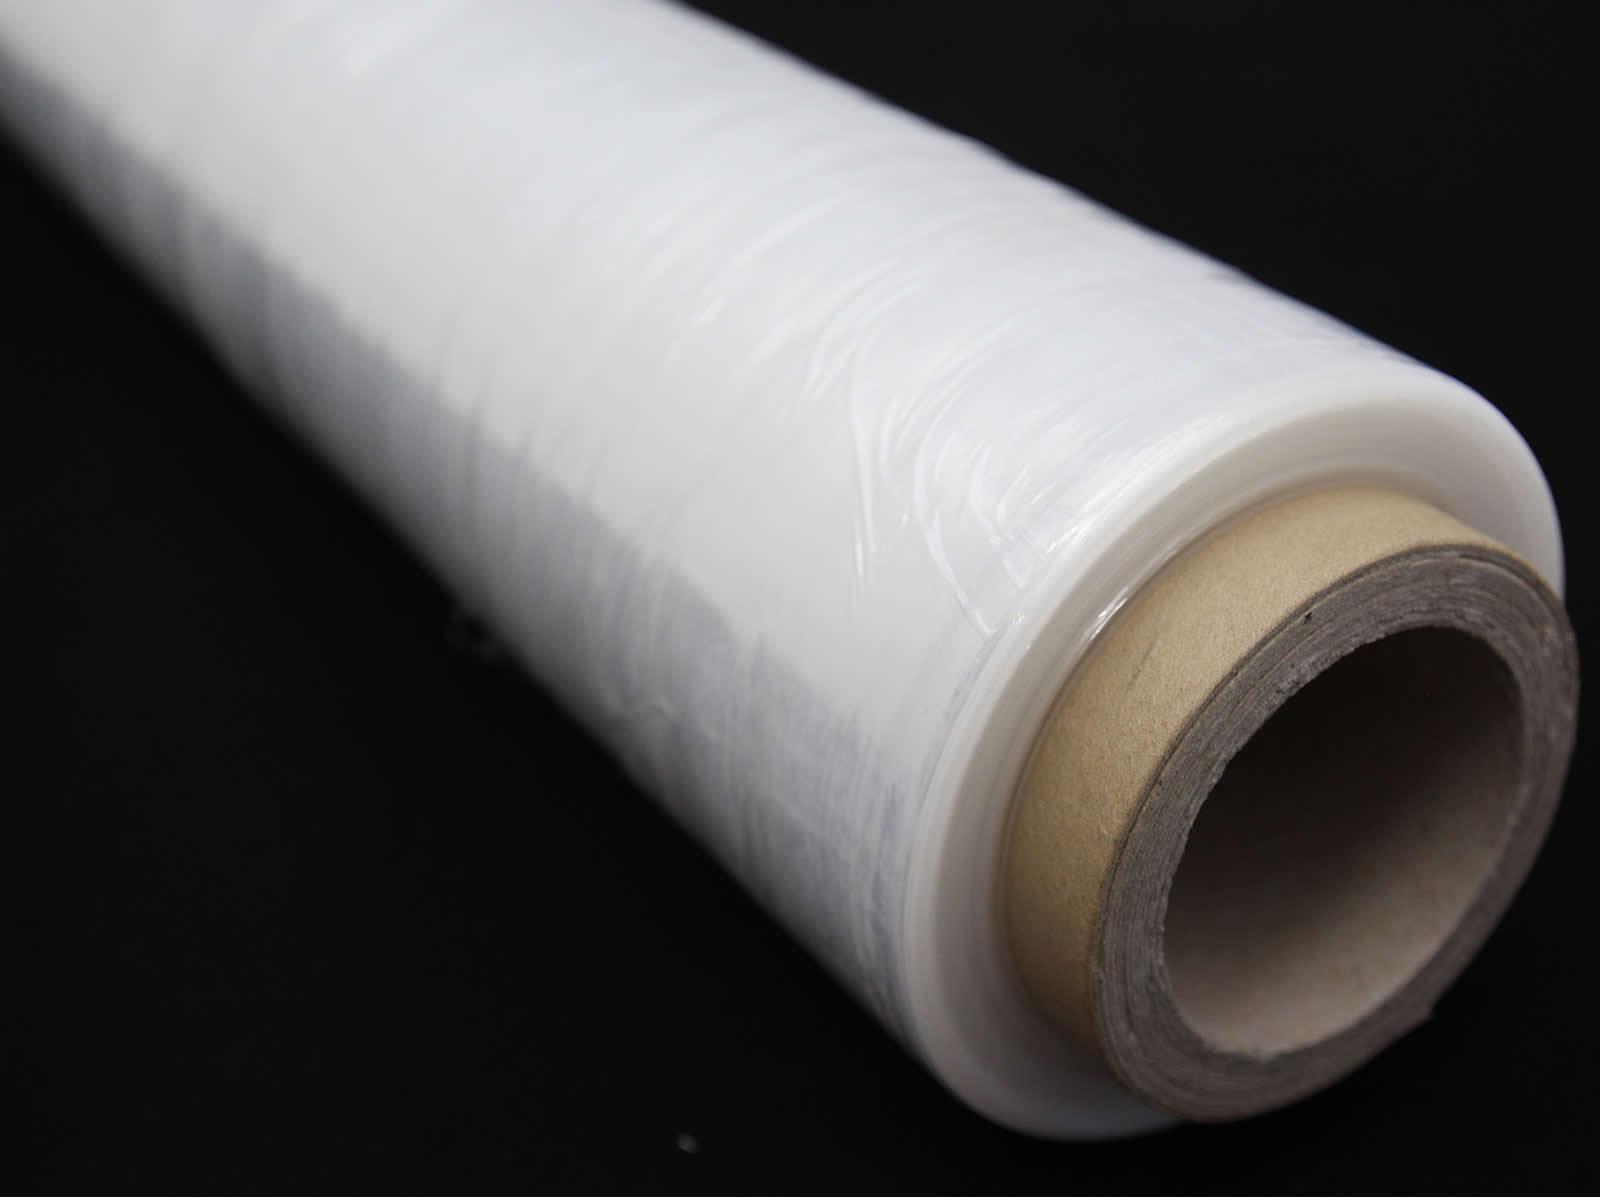 6x Verpackungsfolie Stretchfolie 200m x 500mm x 23 my Wickelfolie Palettenfolie